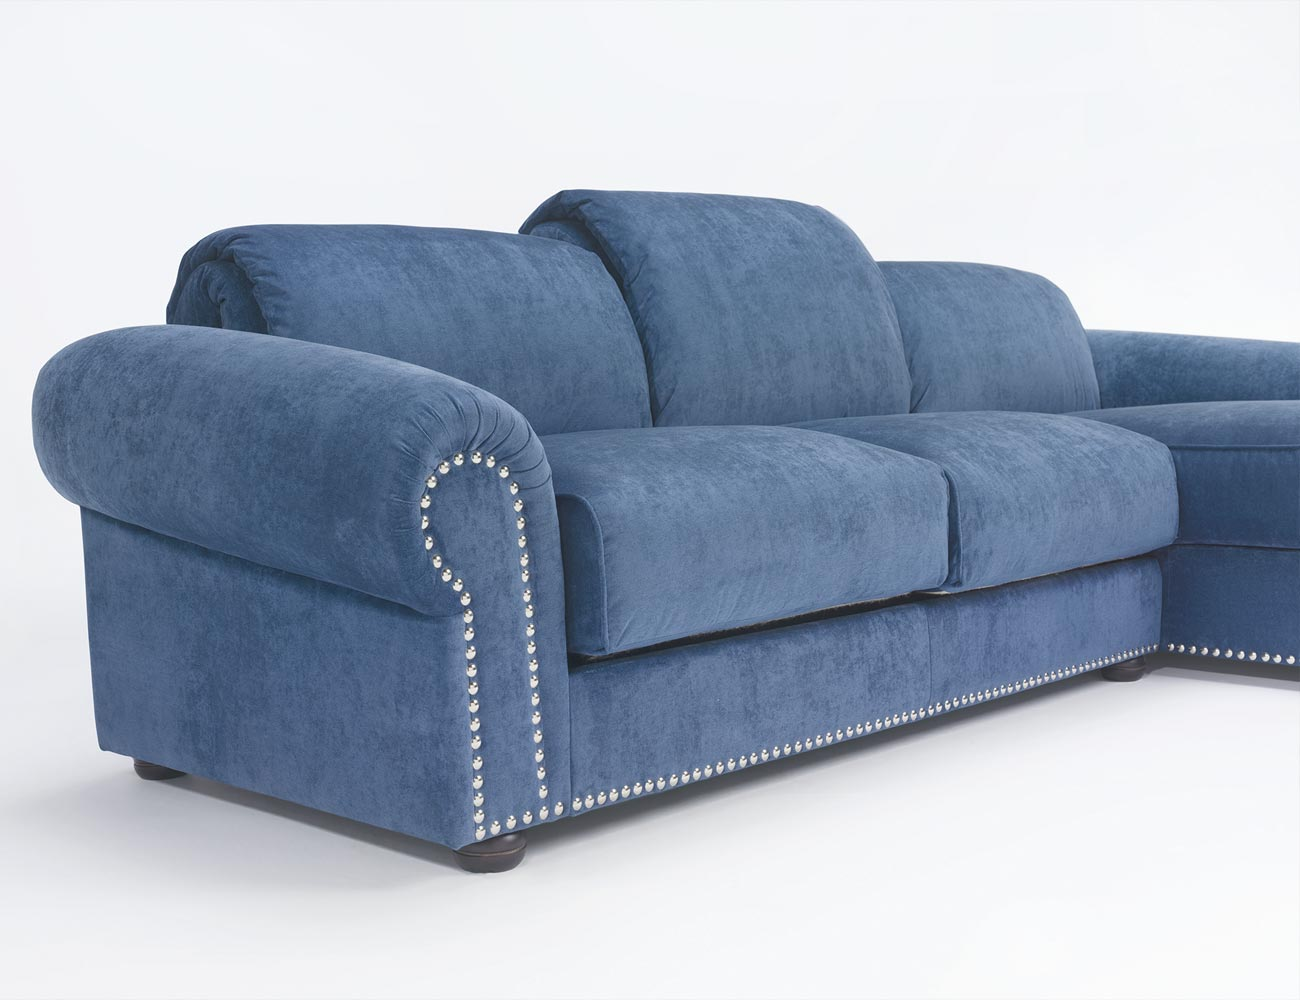 Sofa chaiselongue gran lujo decorativo azul 129